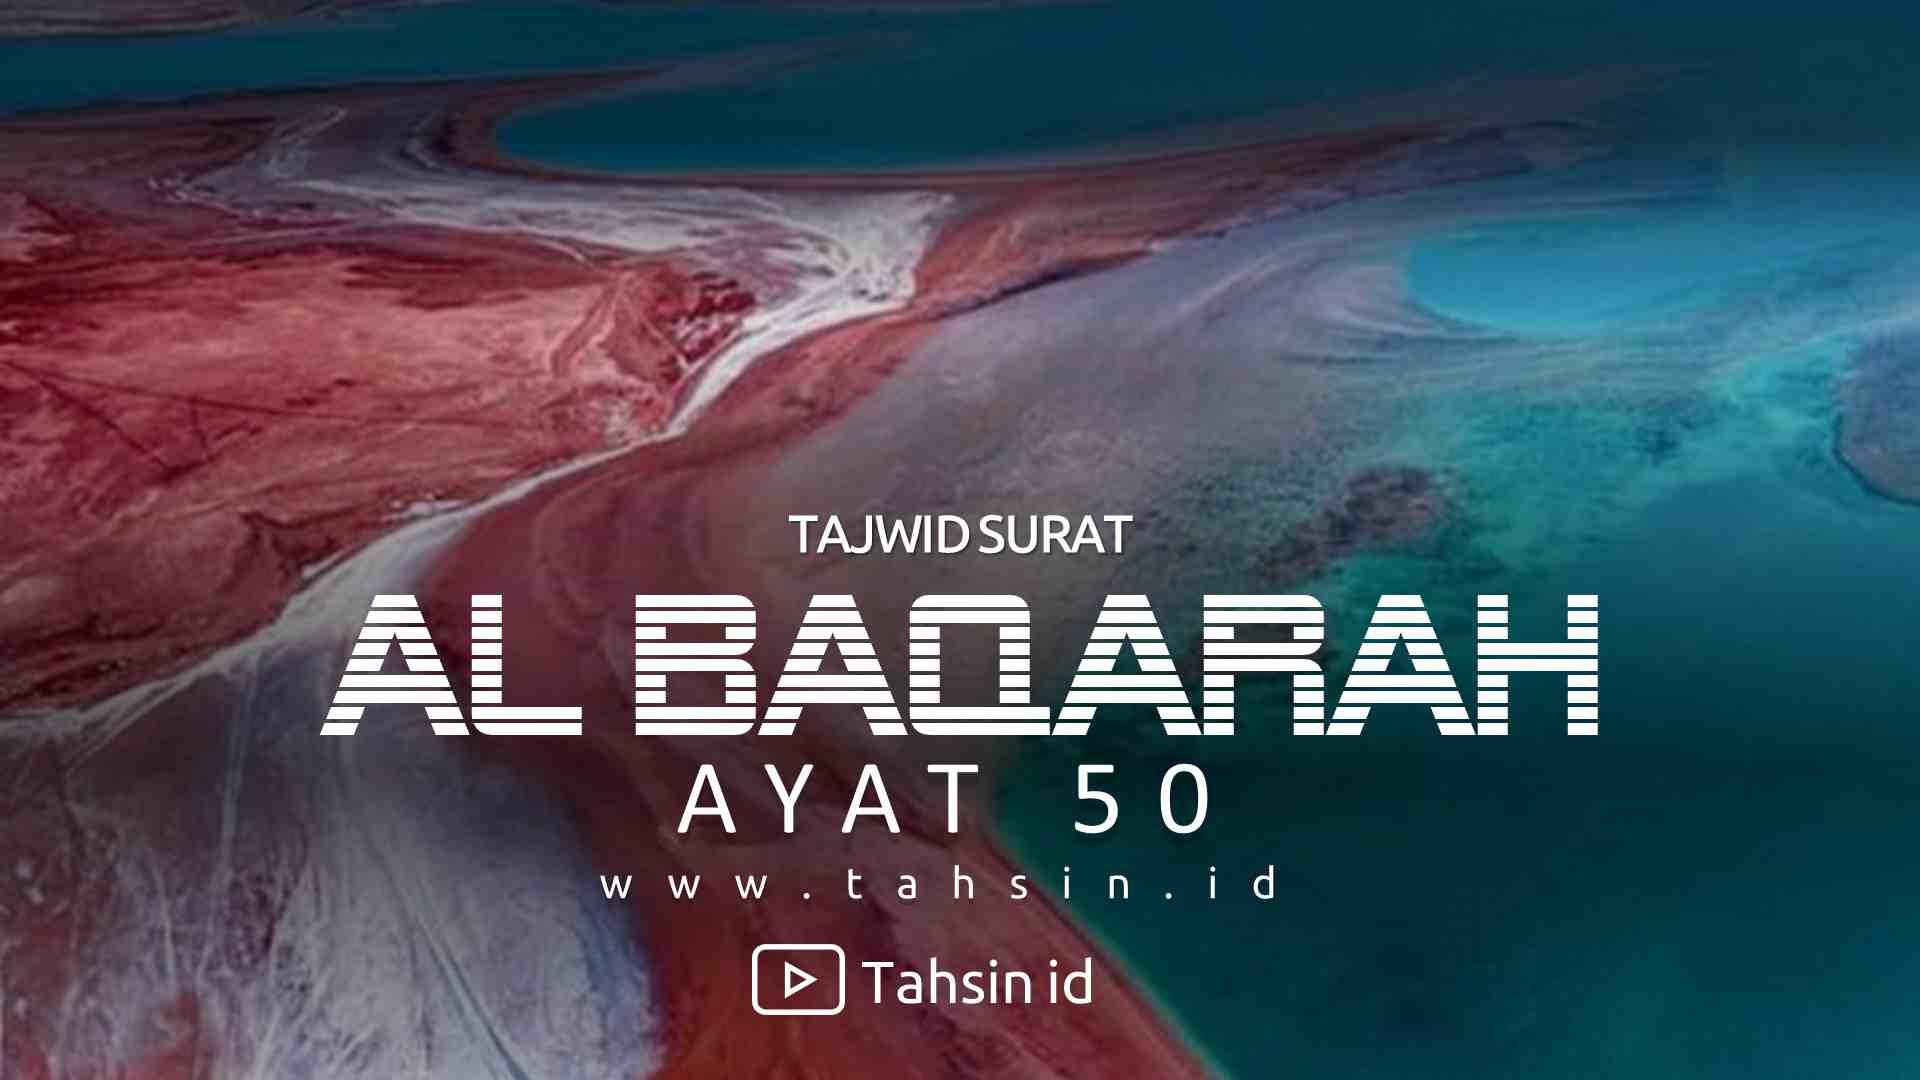 Tajwid surat Al Baqarah ayat 50